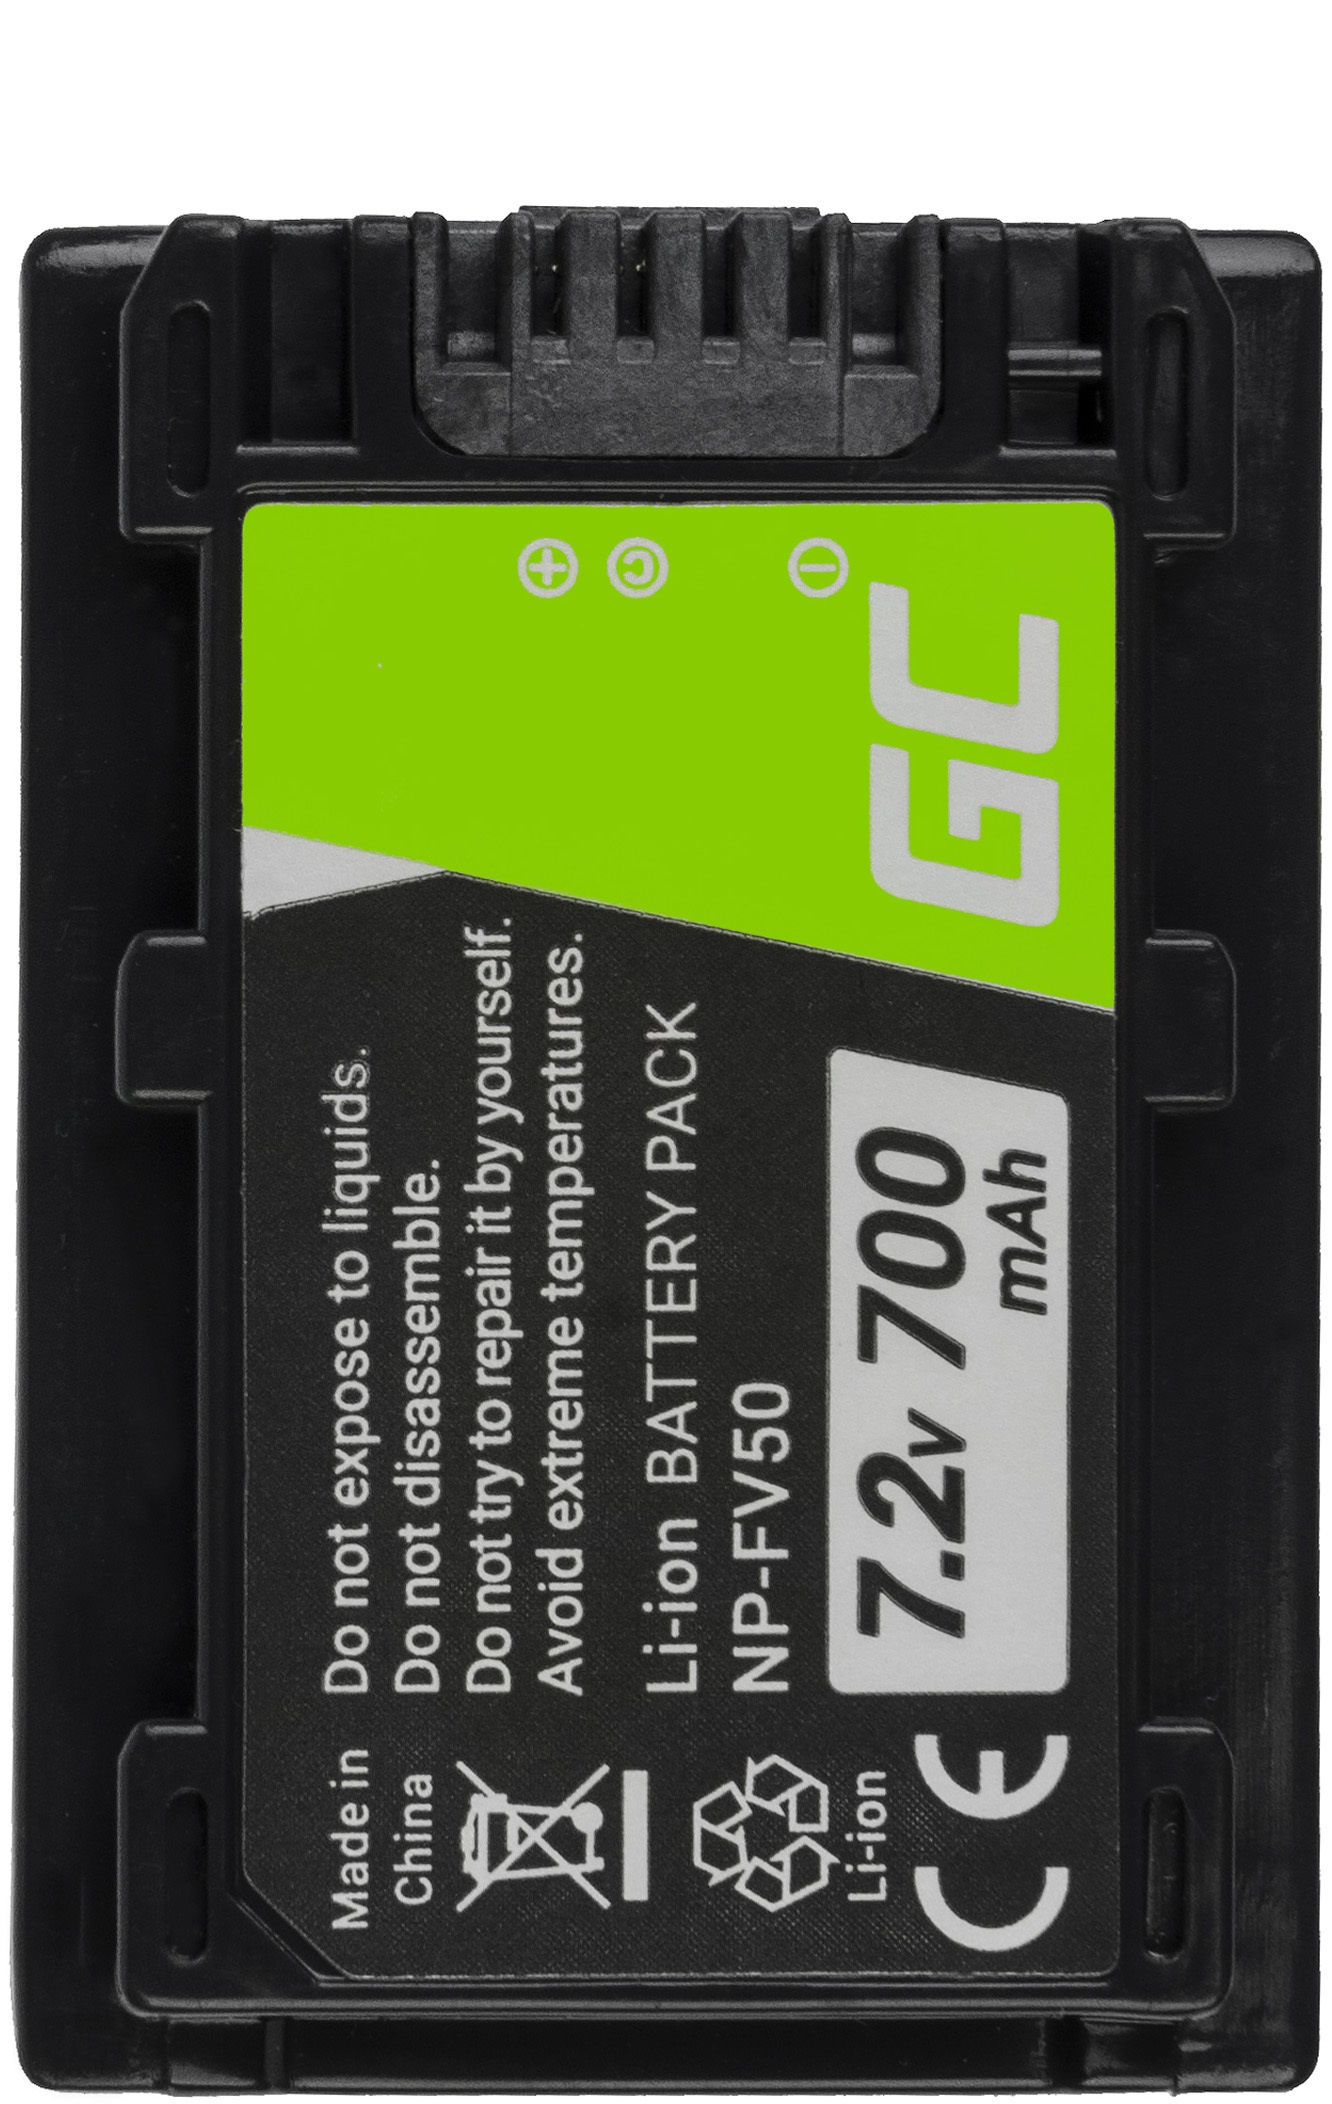 Bateria Green Cell  NP-FV50 / NP-FV100 do Sony DCR-DVD506E DCR-DVD510E HDR-CX116E HDR-CX130 HDR-CX155E HDR-UX9E 7.2V 700mAh